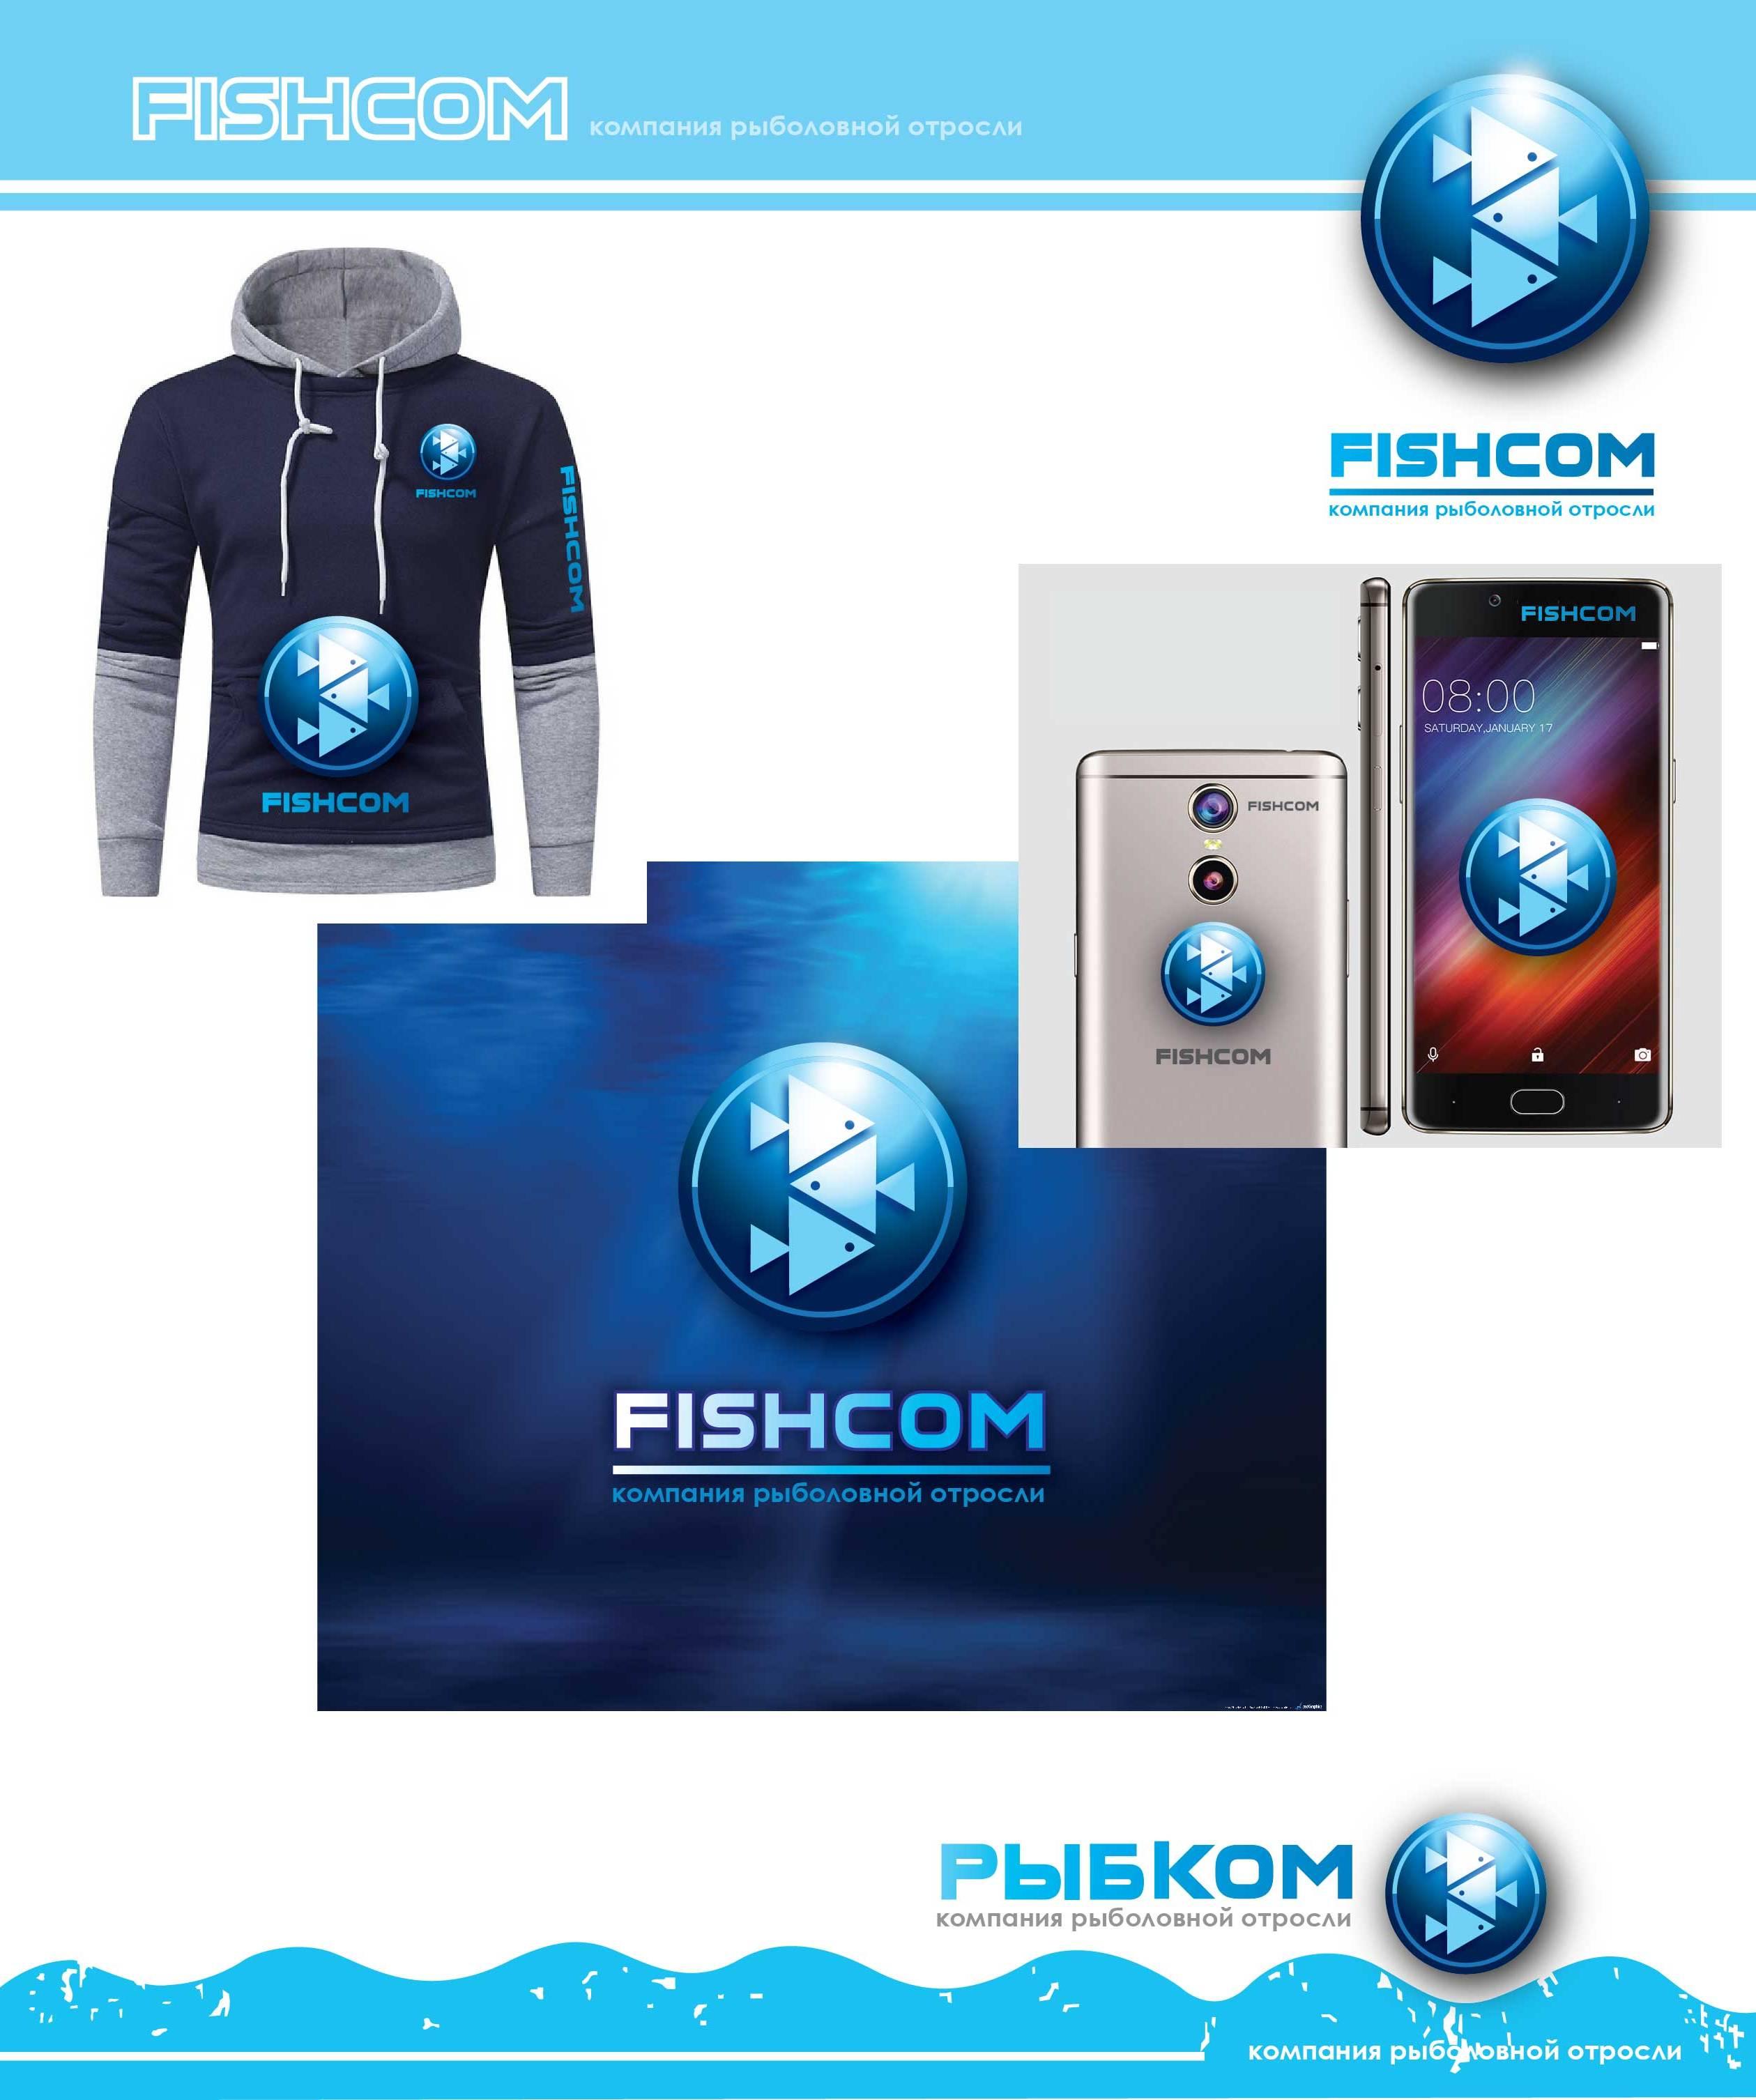 Создание логотипа и брэндбука для компании РЫБКОМ фото f_2675c194b8aa3c3b.jpg